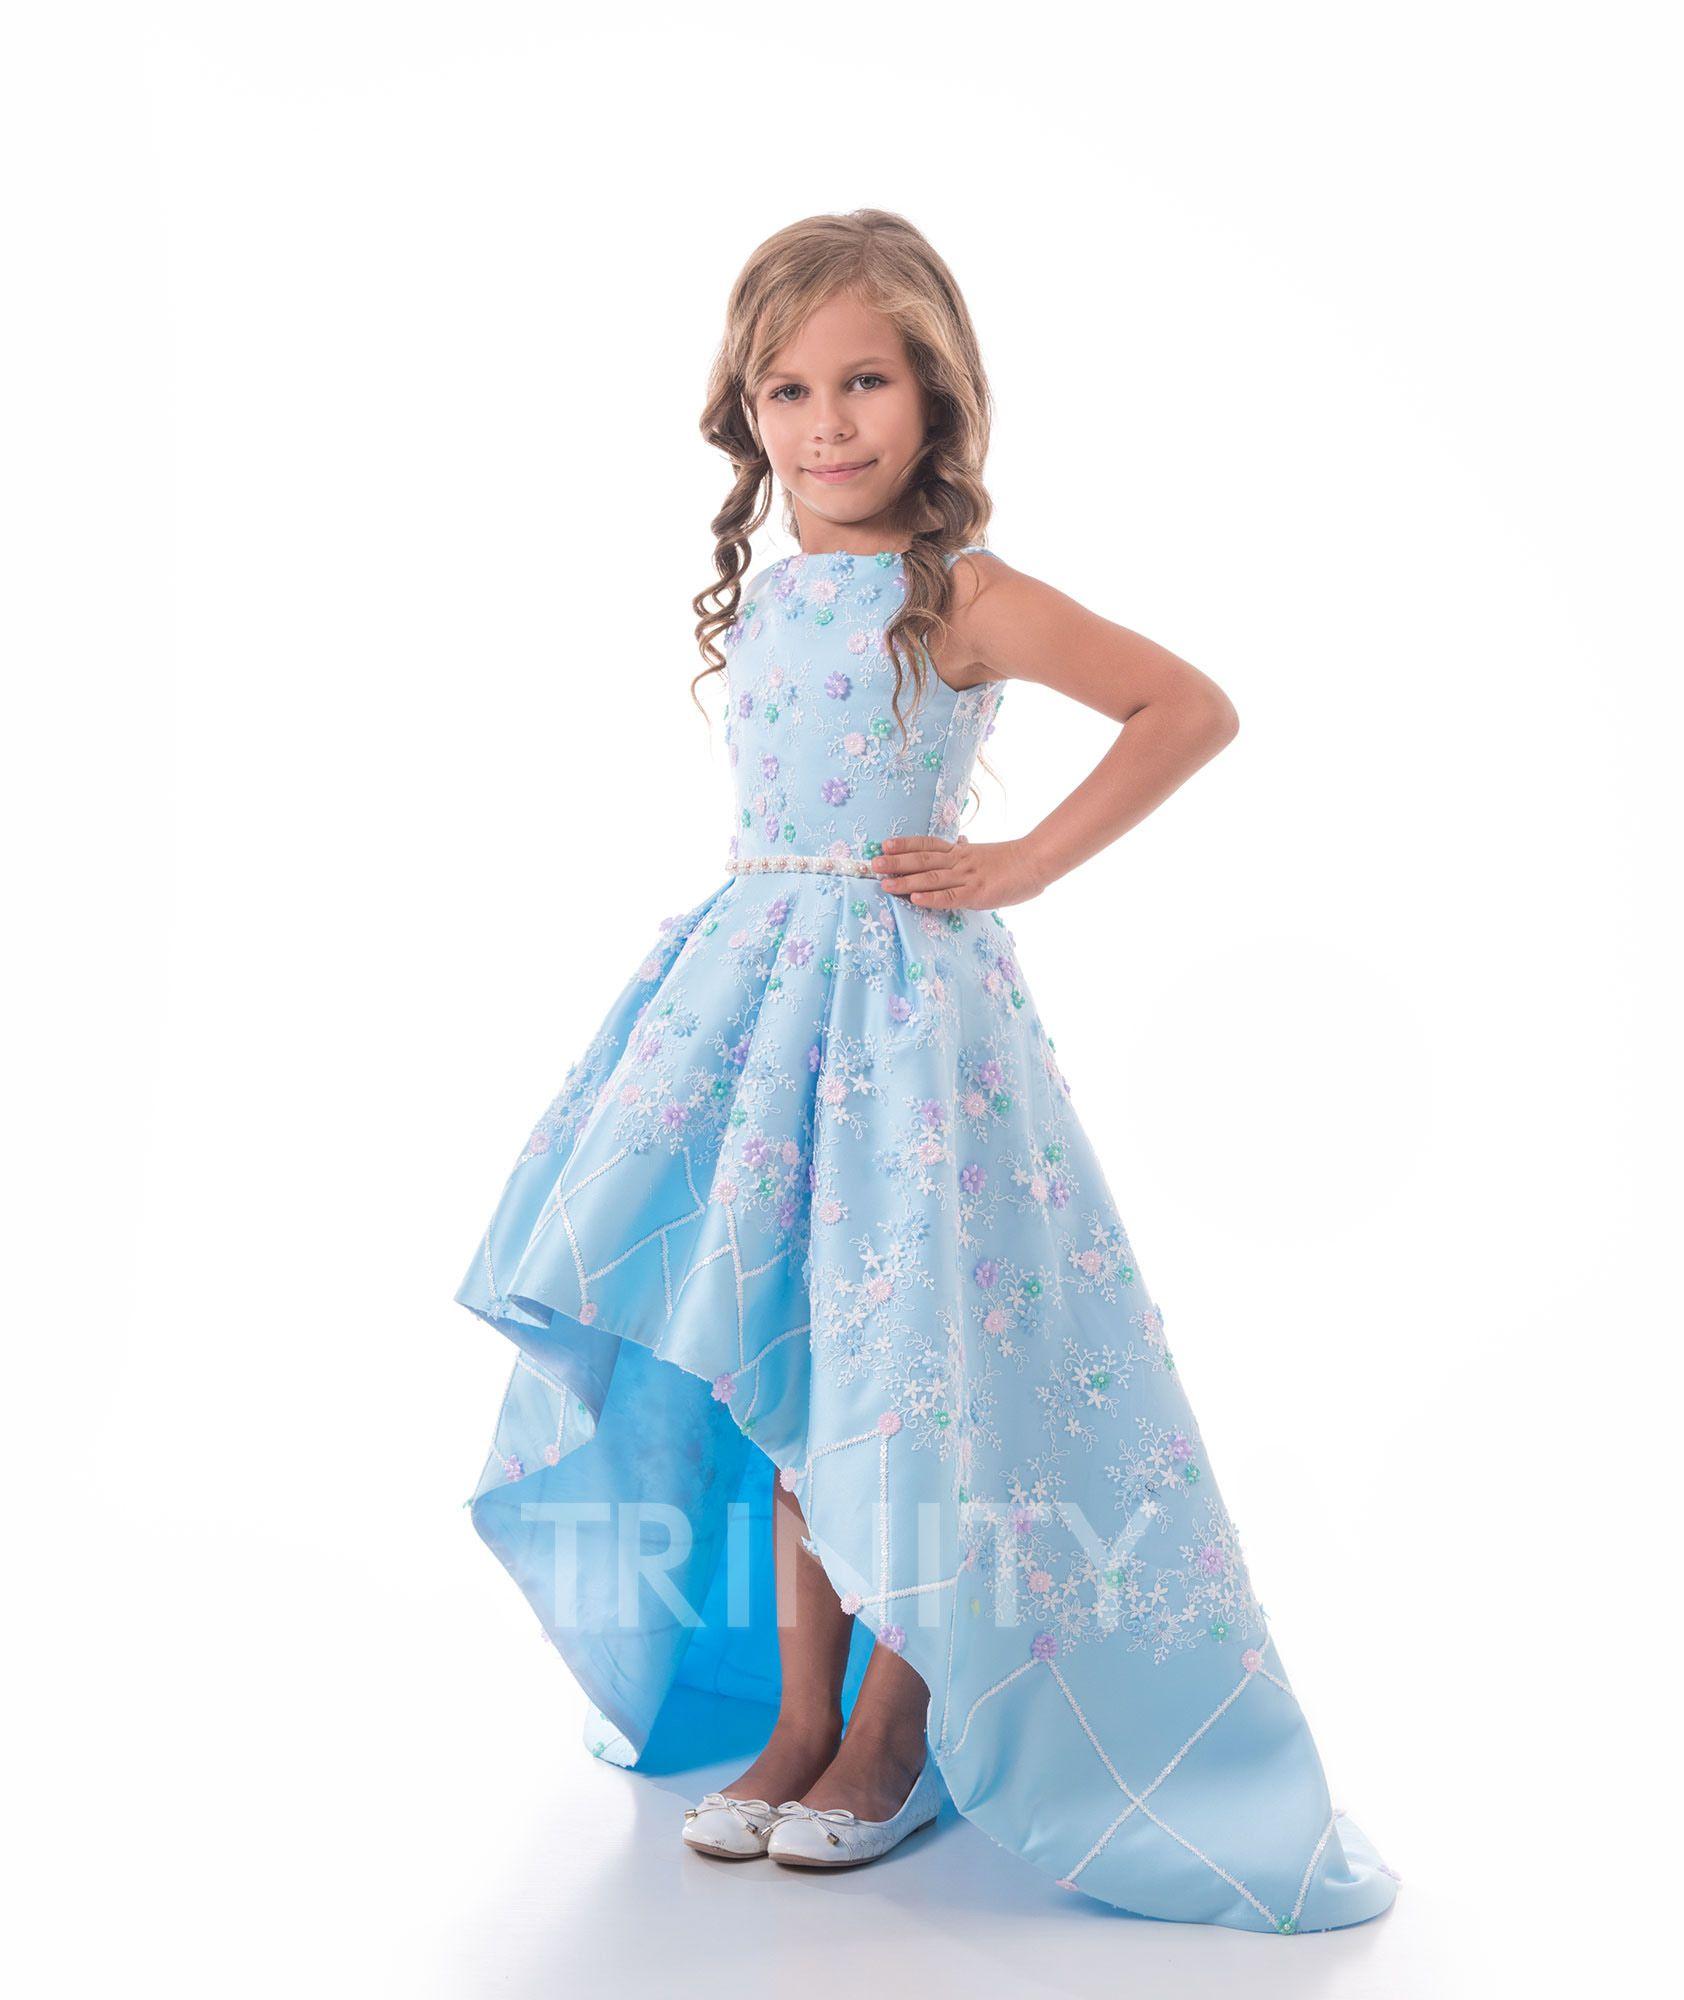 Прекрасное небо Синий атласный драгоценный камень аппликация цветок девушка платья девушки 'Pageant платья праздников / платье на день рождения / юбка на заказ размер 2-14 df710343